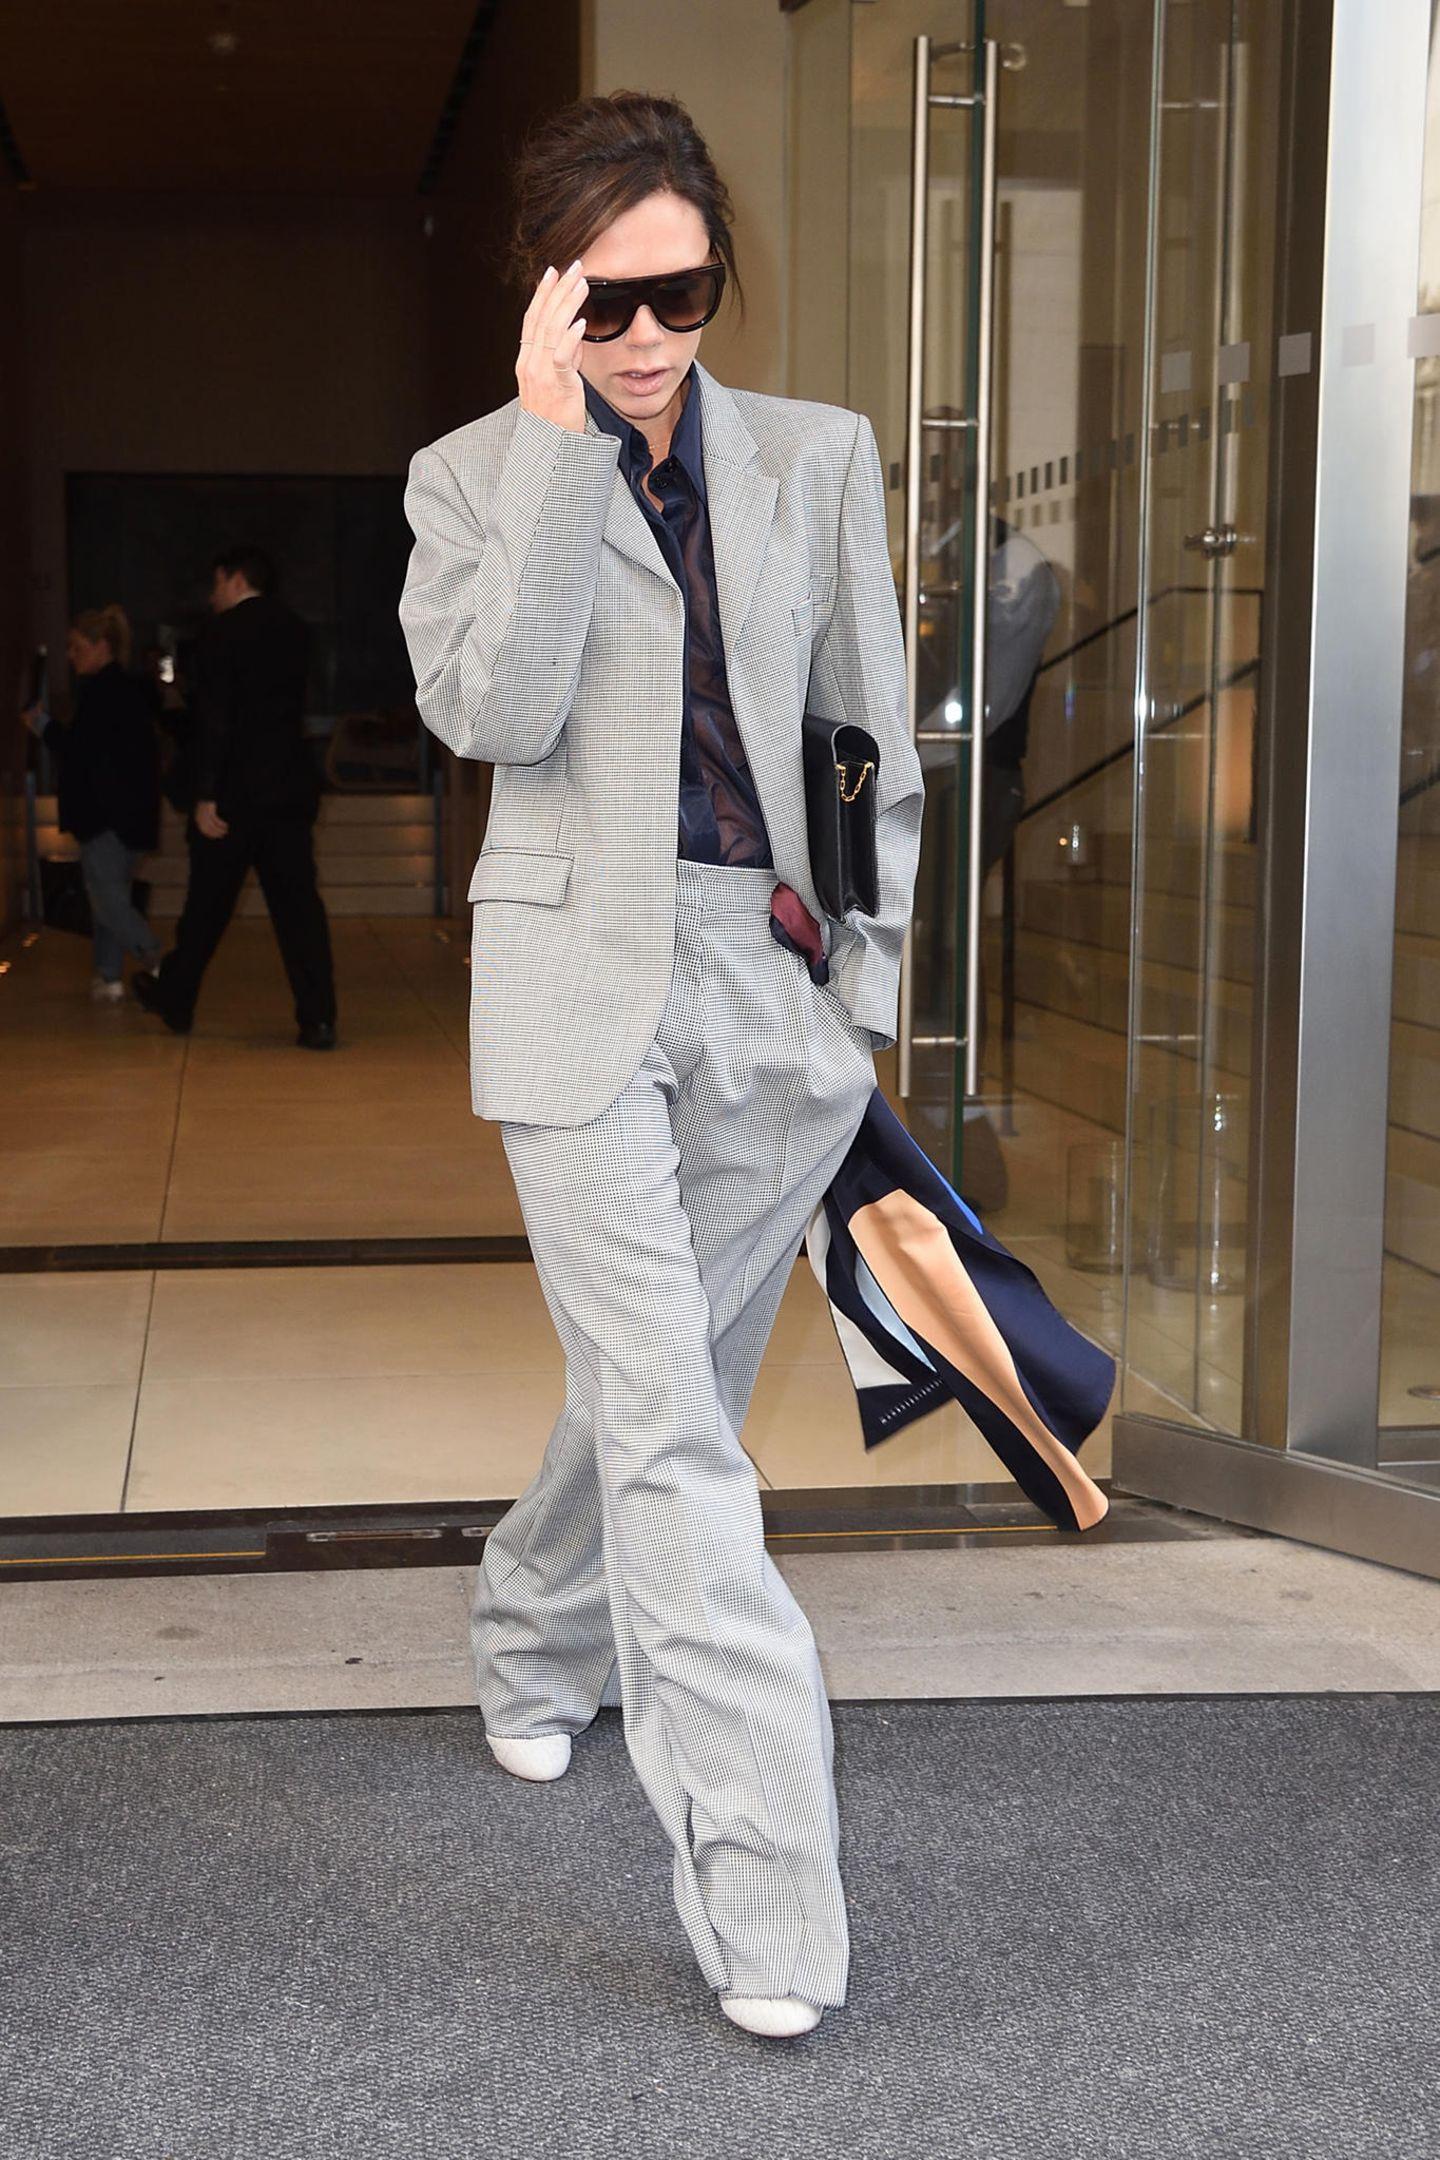 Hat sich Victoria Beckham im Kleiderschrank verirrt und aus Versehen den Anzug von ihrem Ehemann David Beckham gegriffen? Sie kann den Marlene-Look auf jeden Fall tragen und sieht fantastisch darin aus.